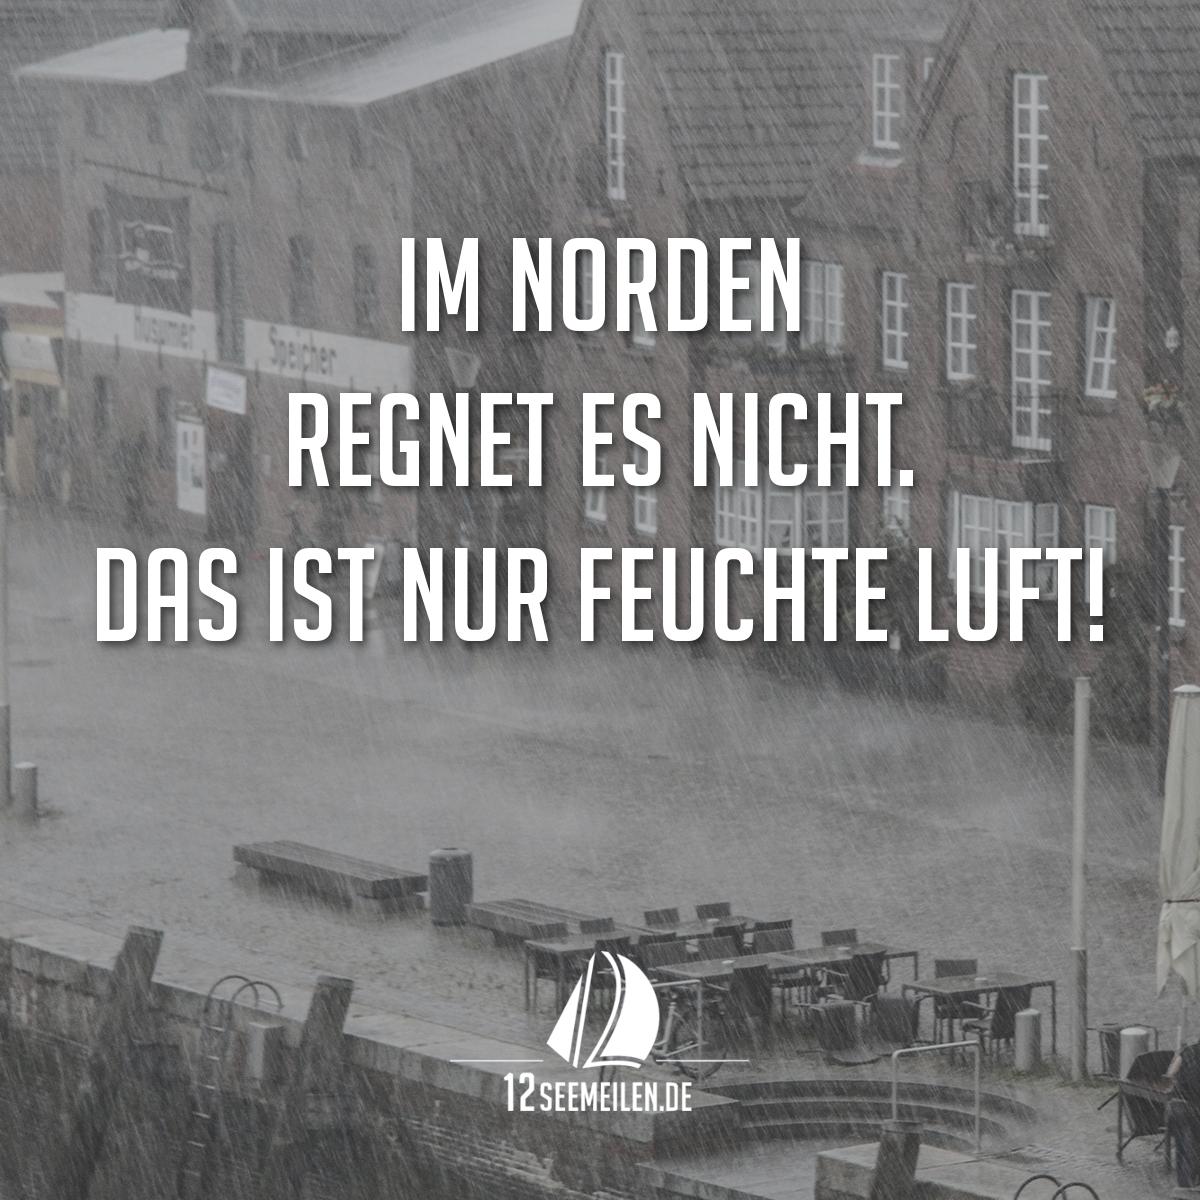 Im norden regnet es nicht das ist nur feuchte luft - Hamburg zitate ...